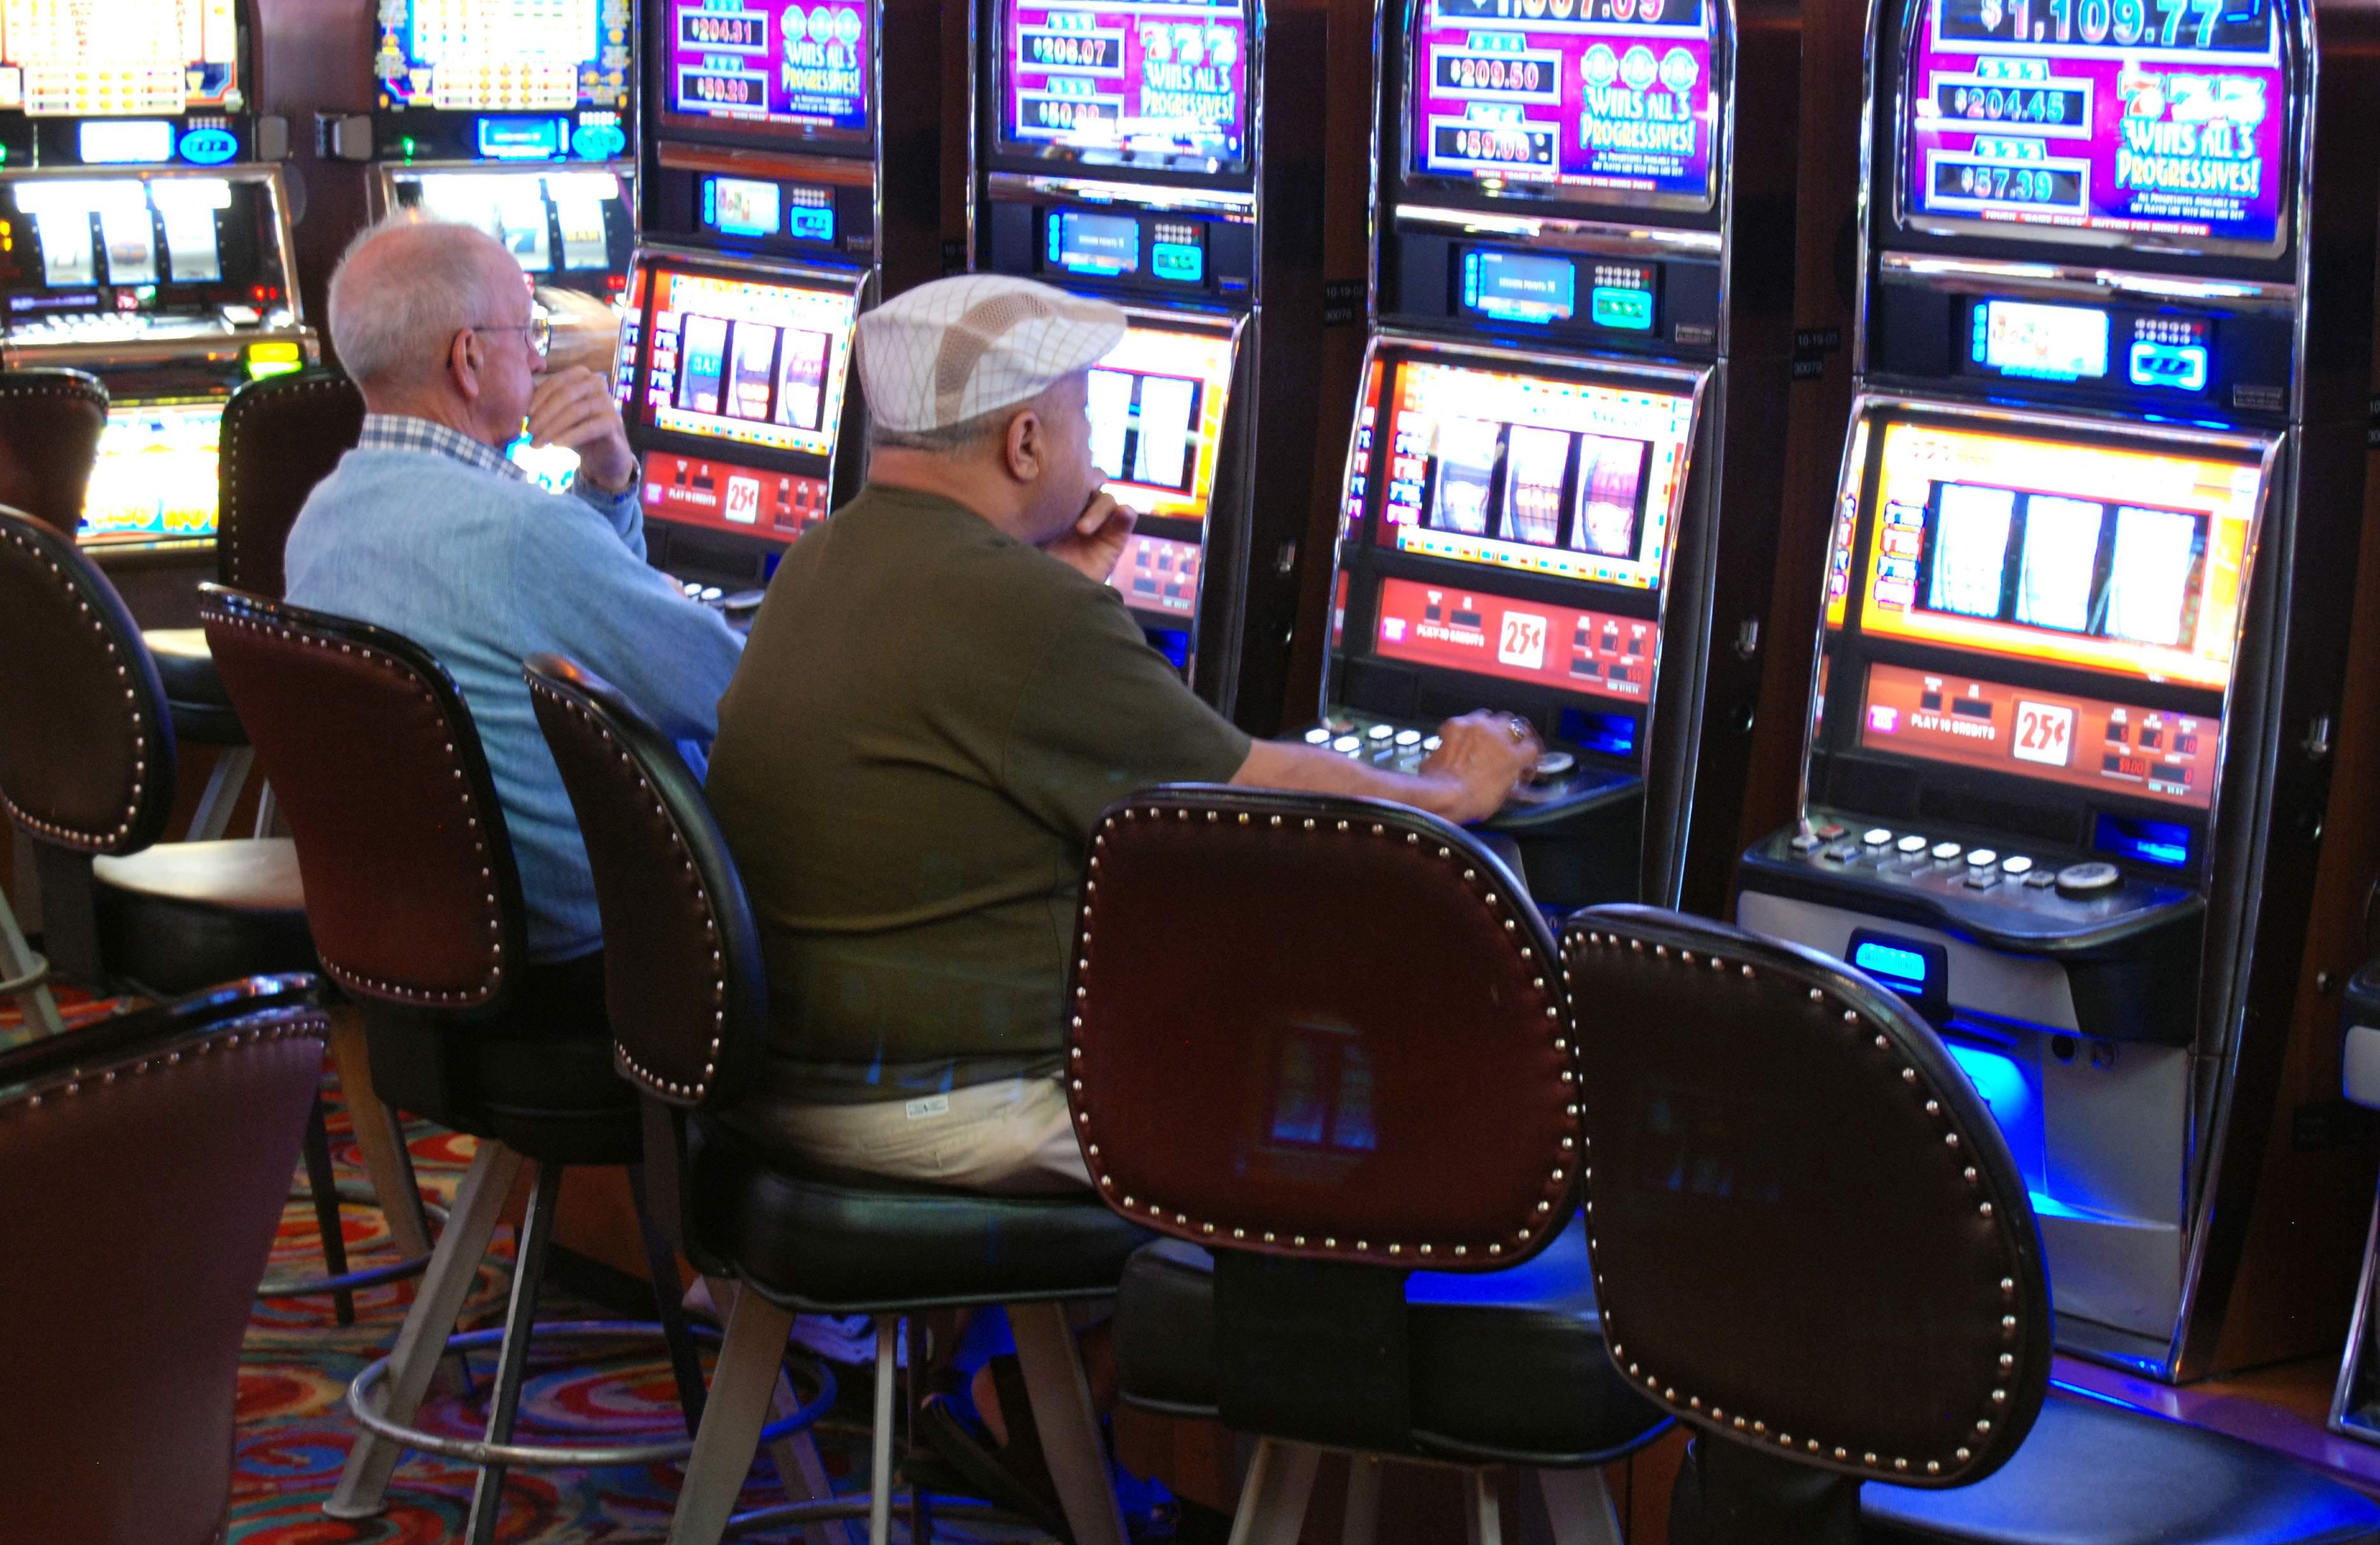 Florida indian casino gary casino parties equipment